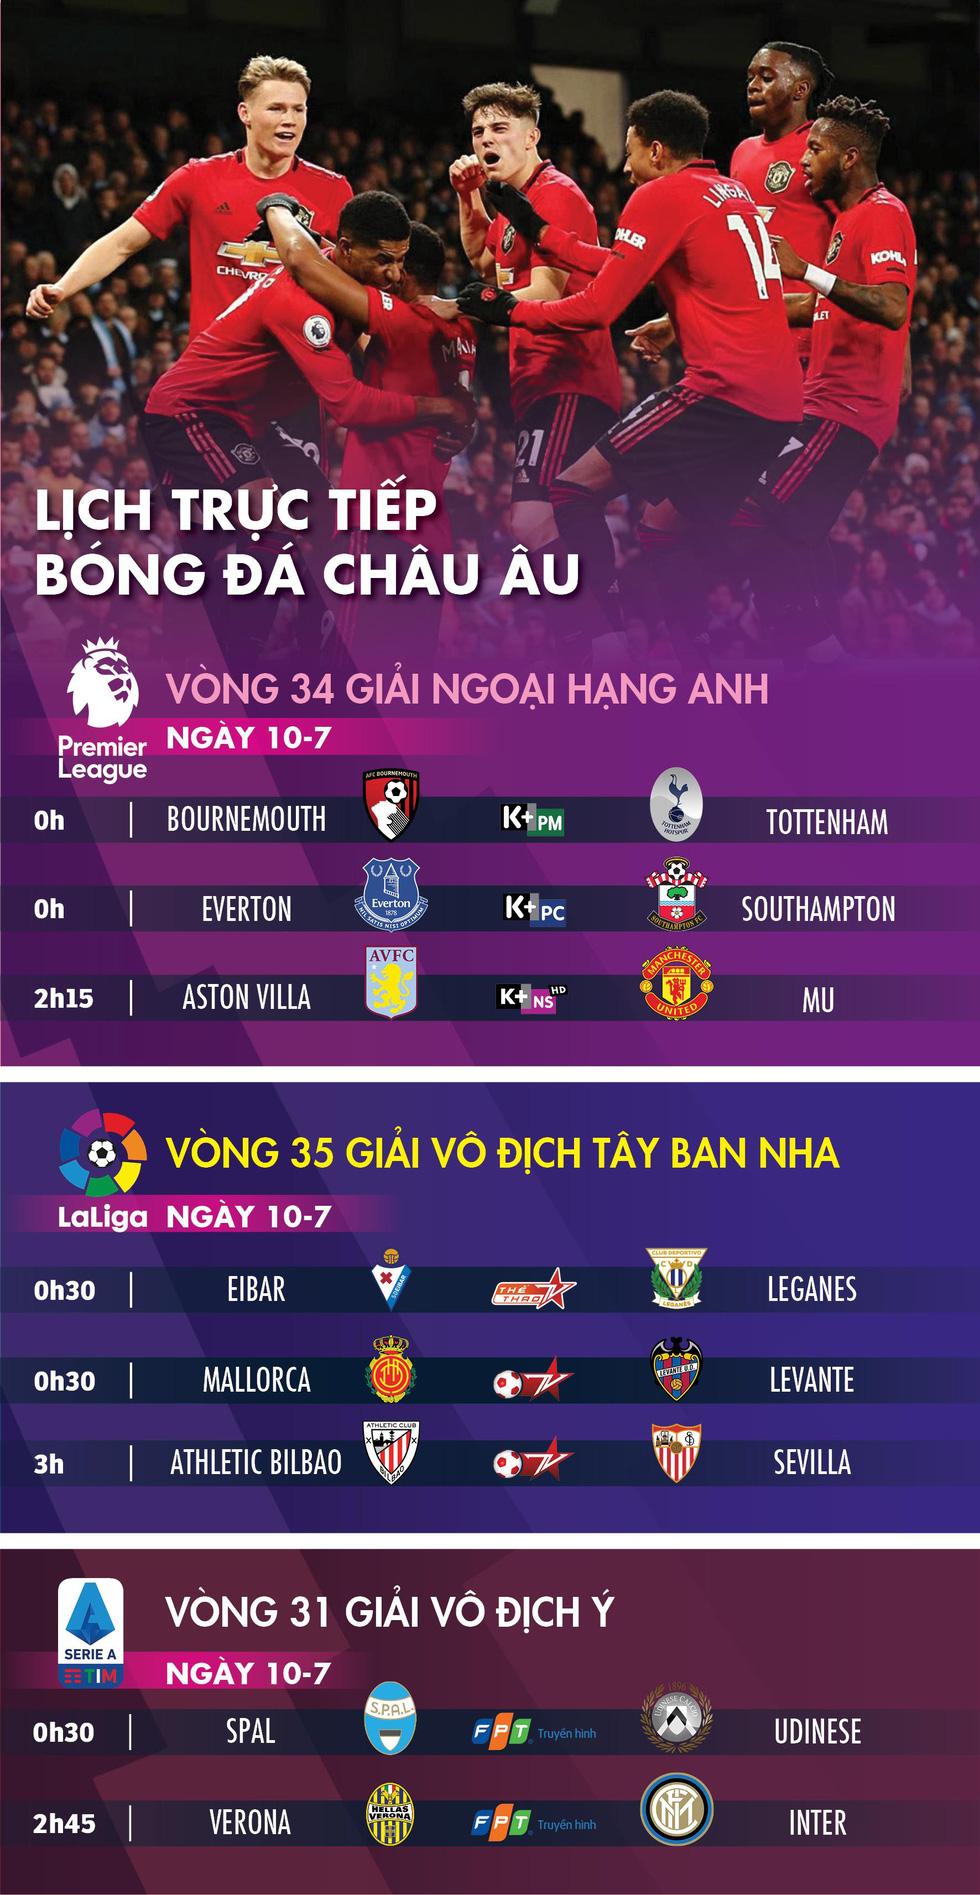 Lịch trực tiếp bóng đá châu Âu 10-7: Chờ Man United hạ Aston Villa - Ảnh 1.